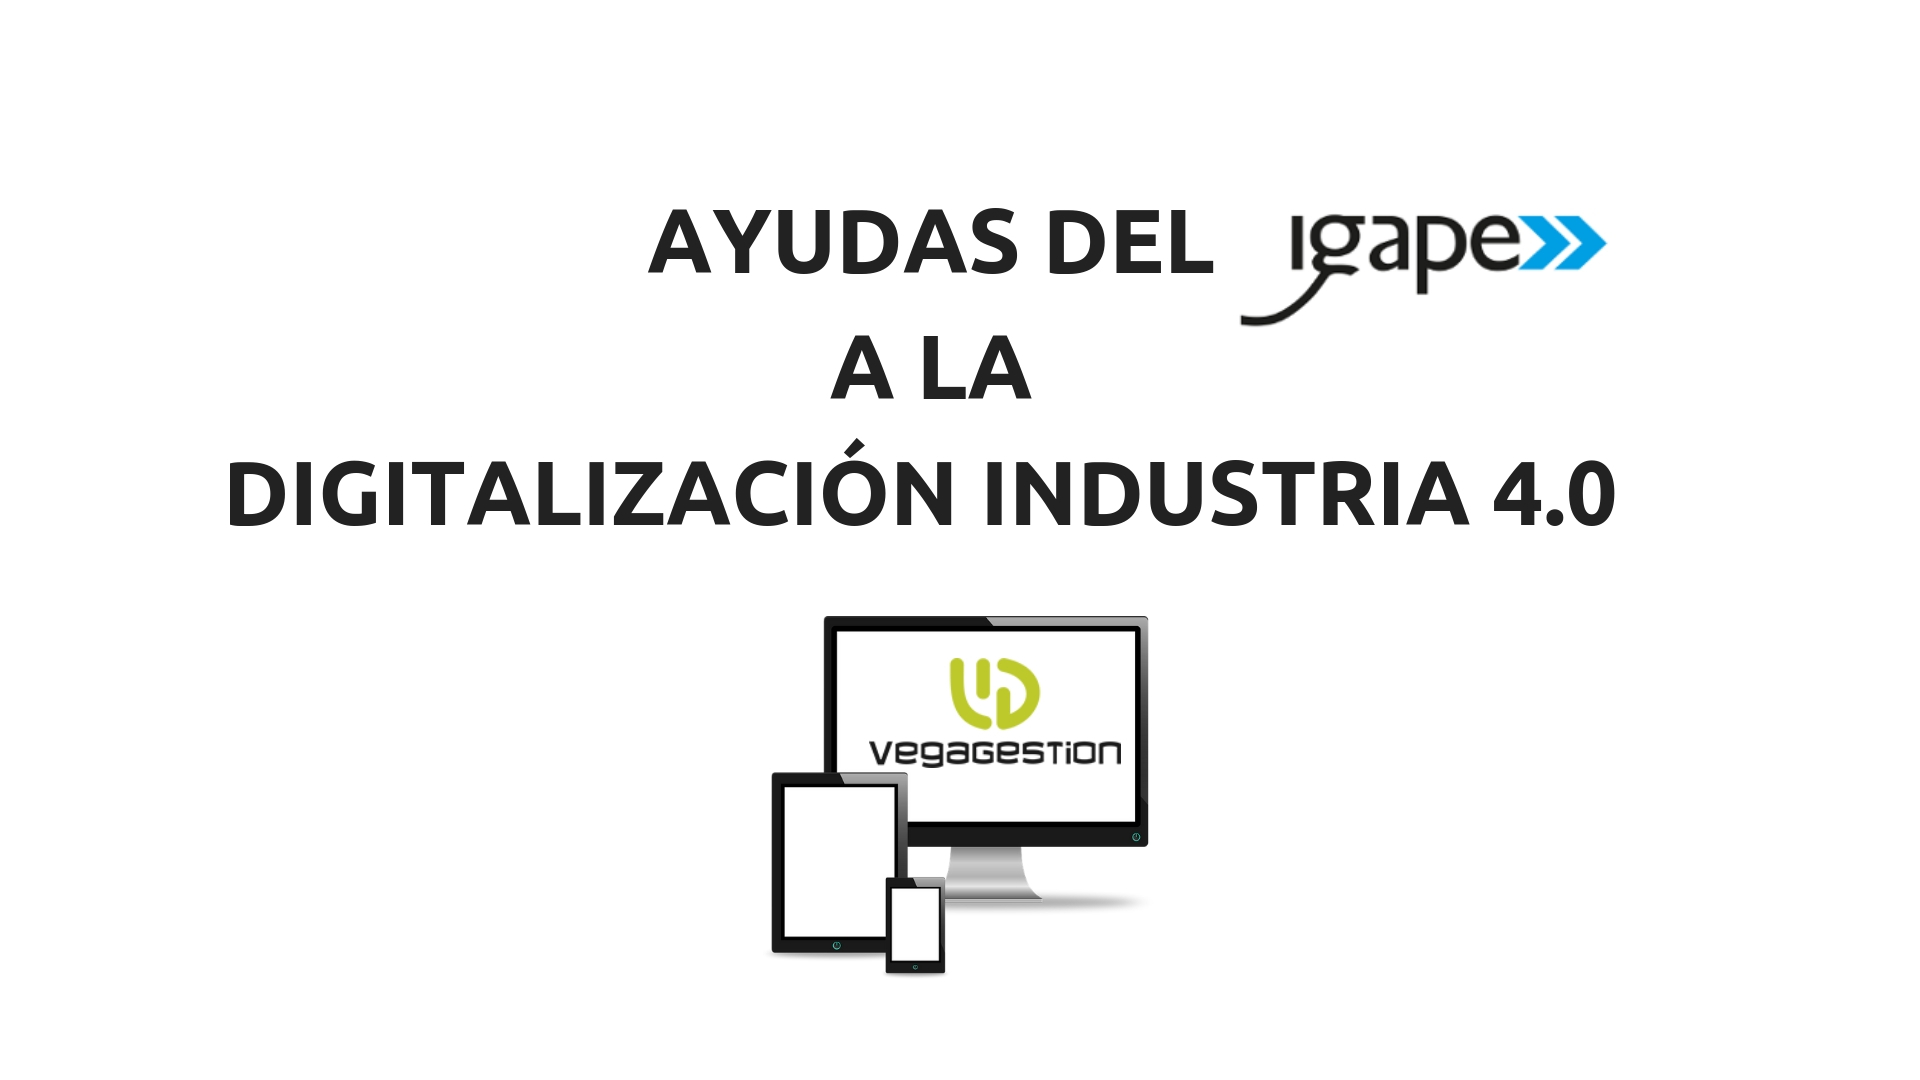 ayudas-del-igapa-para-la-implantancion-soluciones-digitales-1920